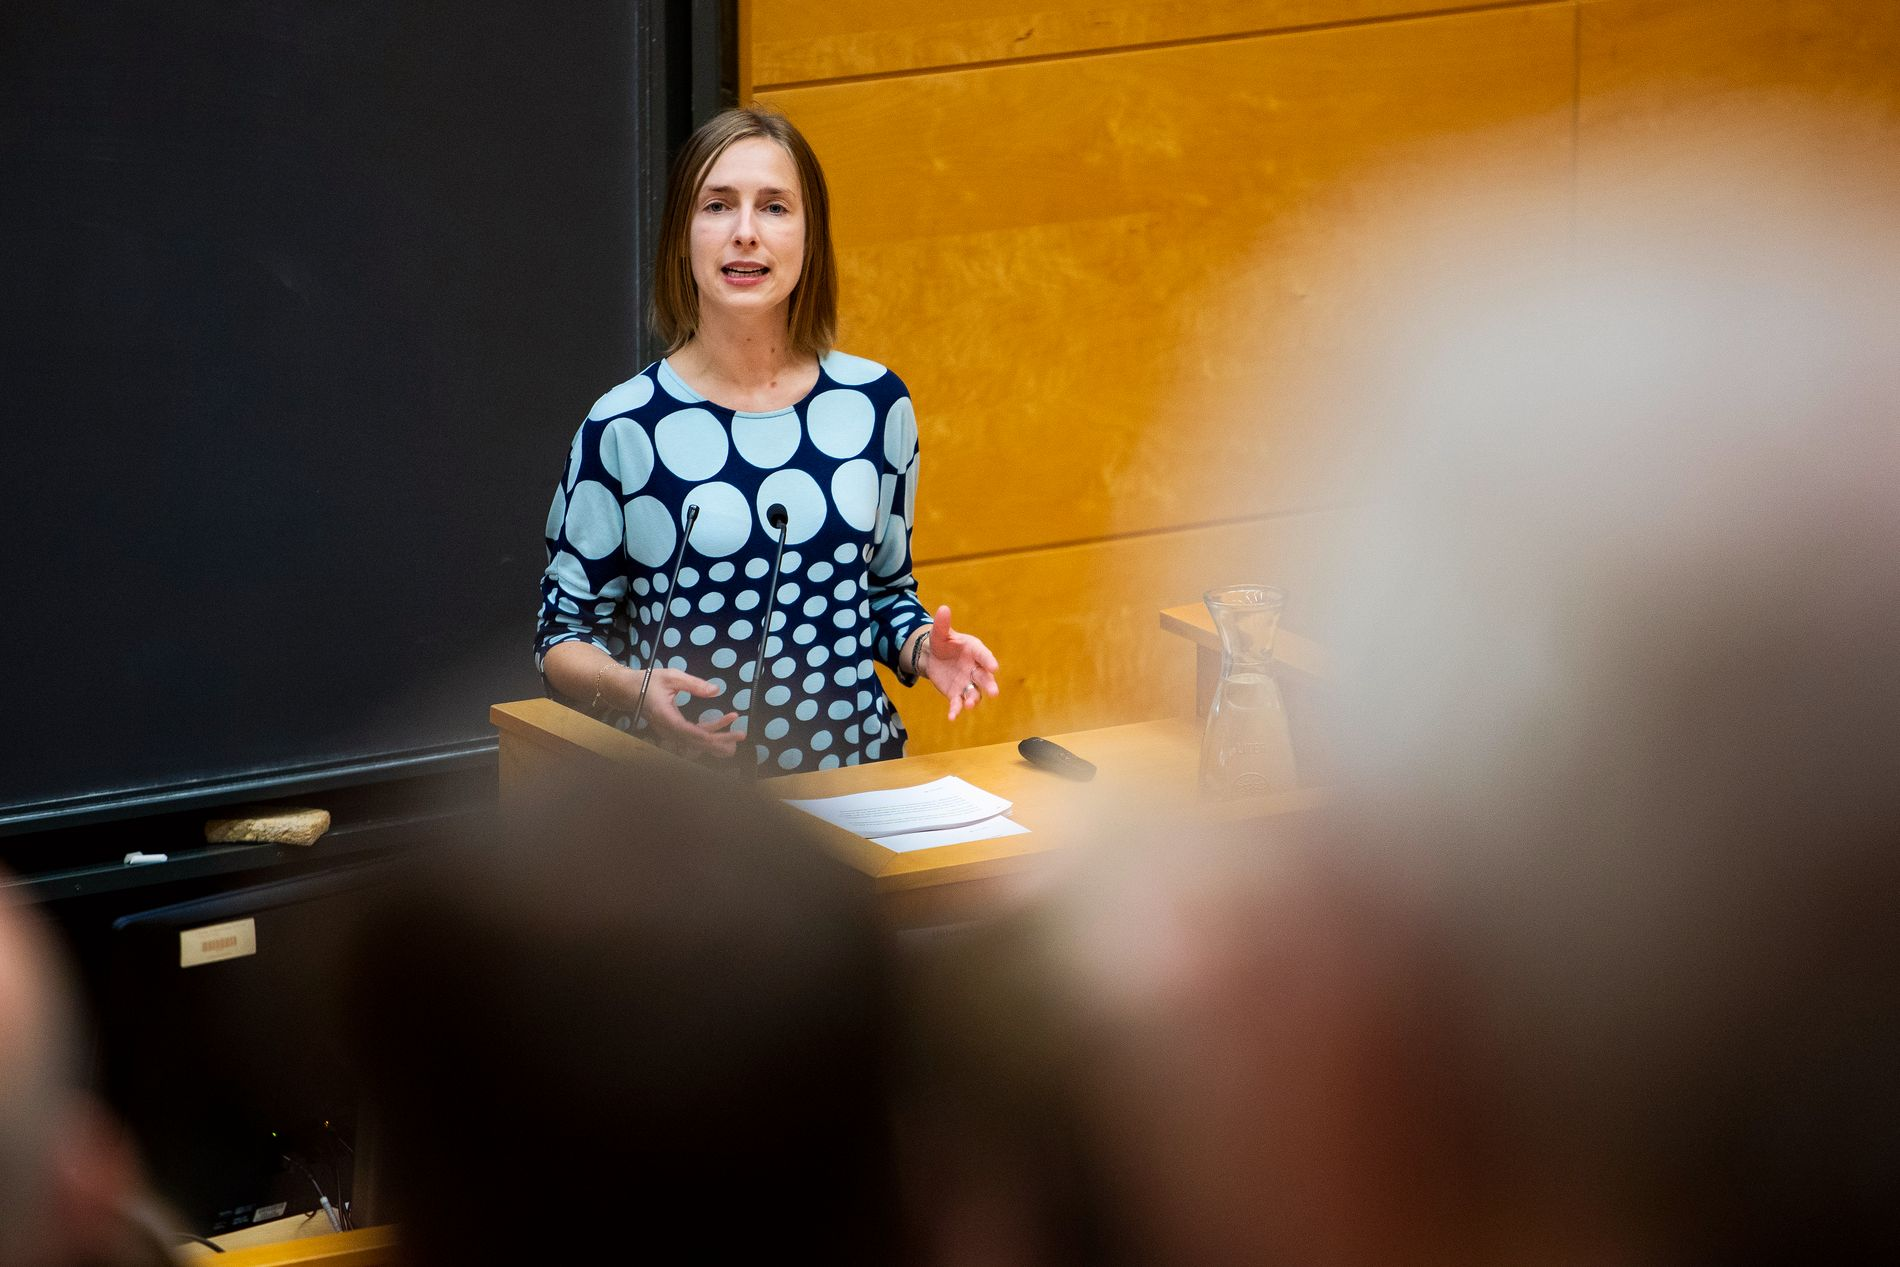 MINISTEREN: Iselin Nybø (V) er høyere utdannings- og forskningsminister. Torsdag la hun frem tall på søkere til universiteter og høyskoler.